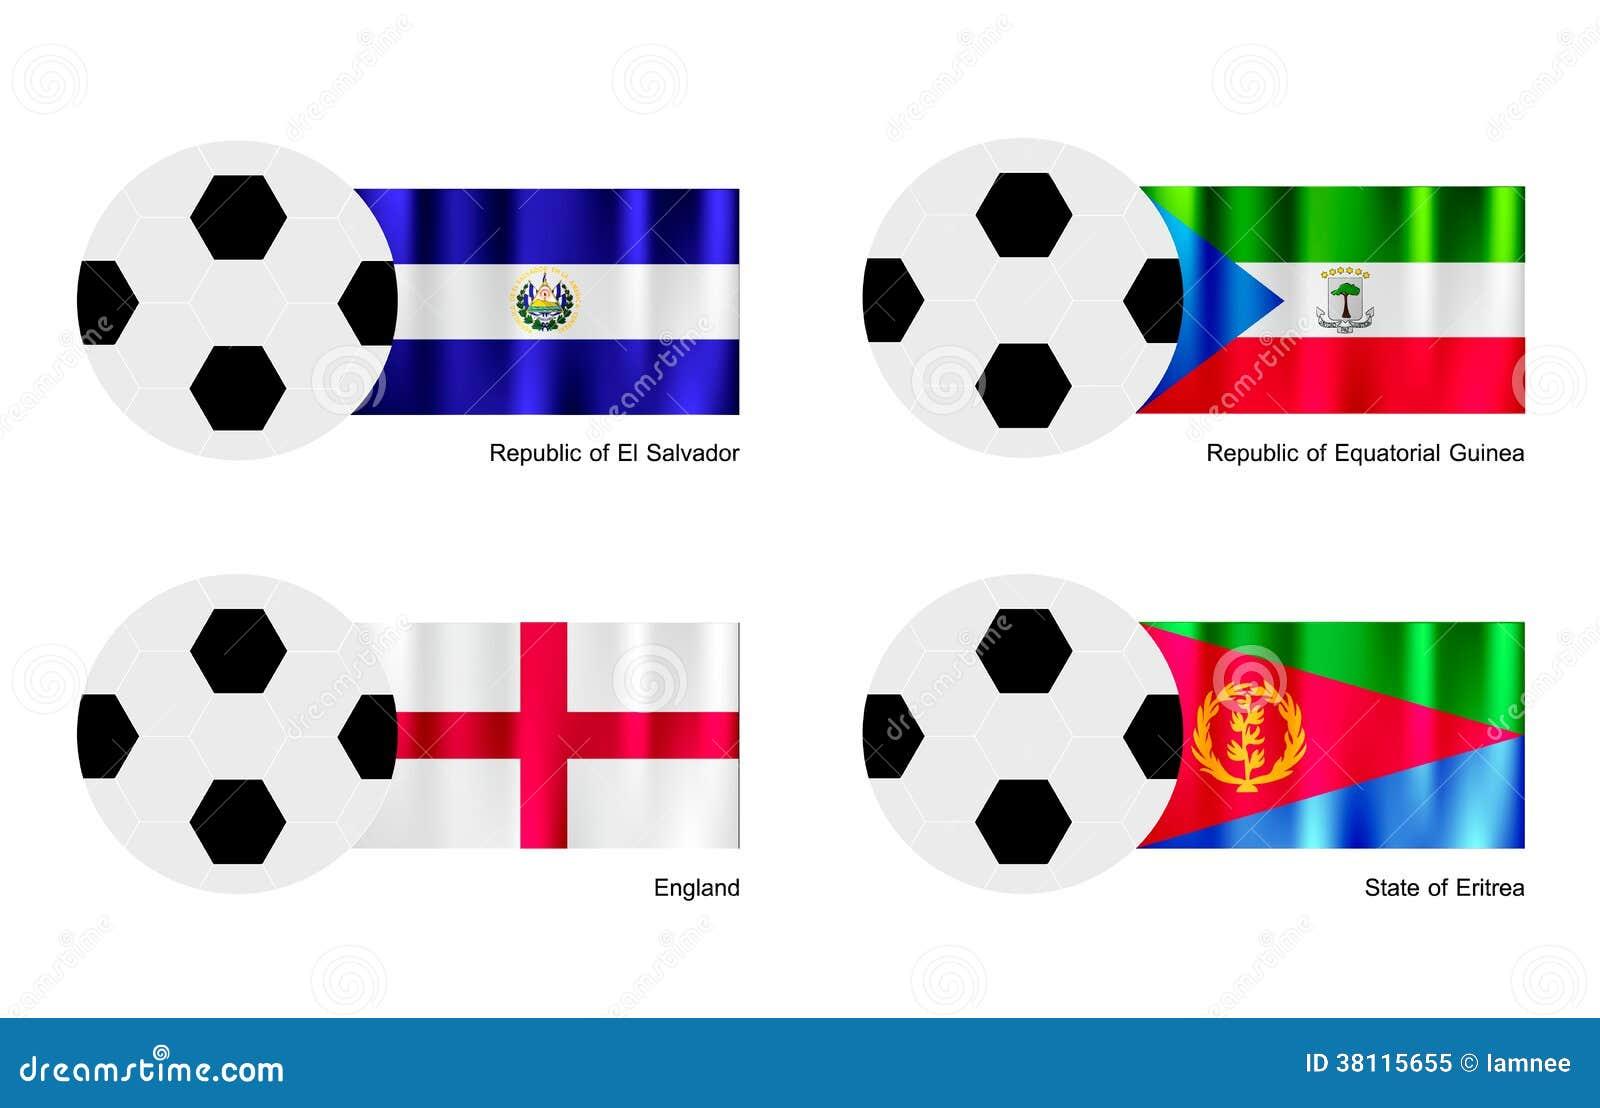 Fotboll med den El Salvador, Ekvatorialguinea, England och Eritrea flaggan